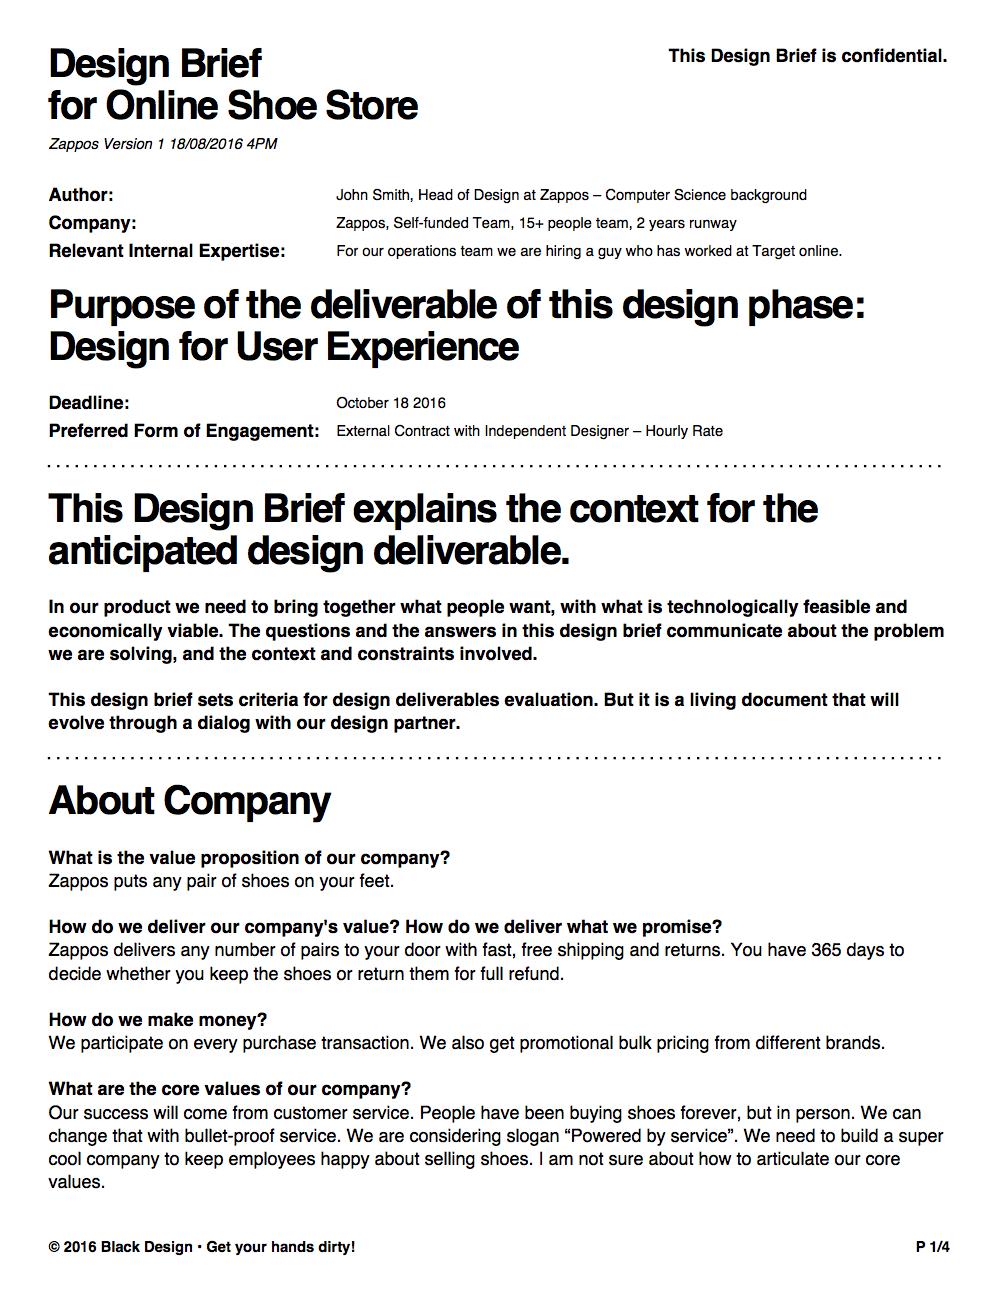 Design Brief Generator